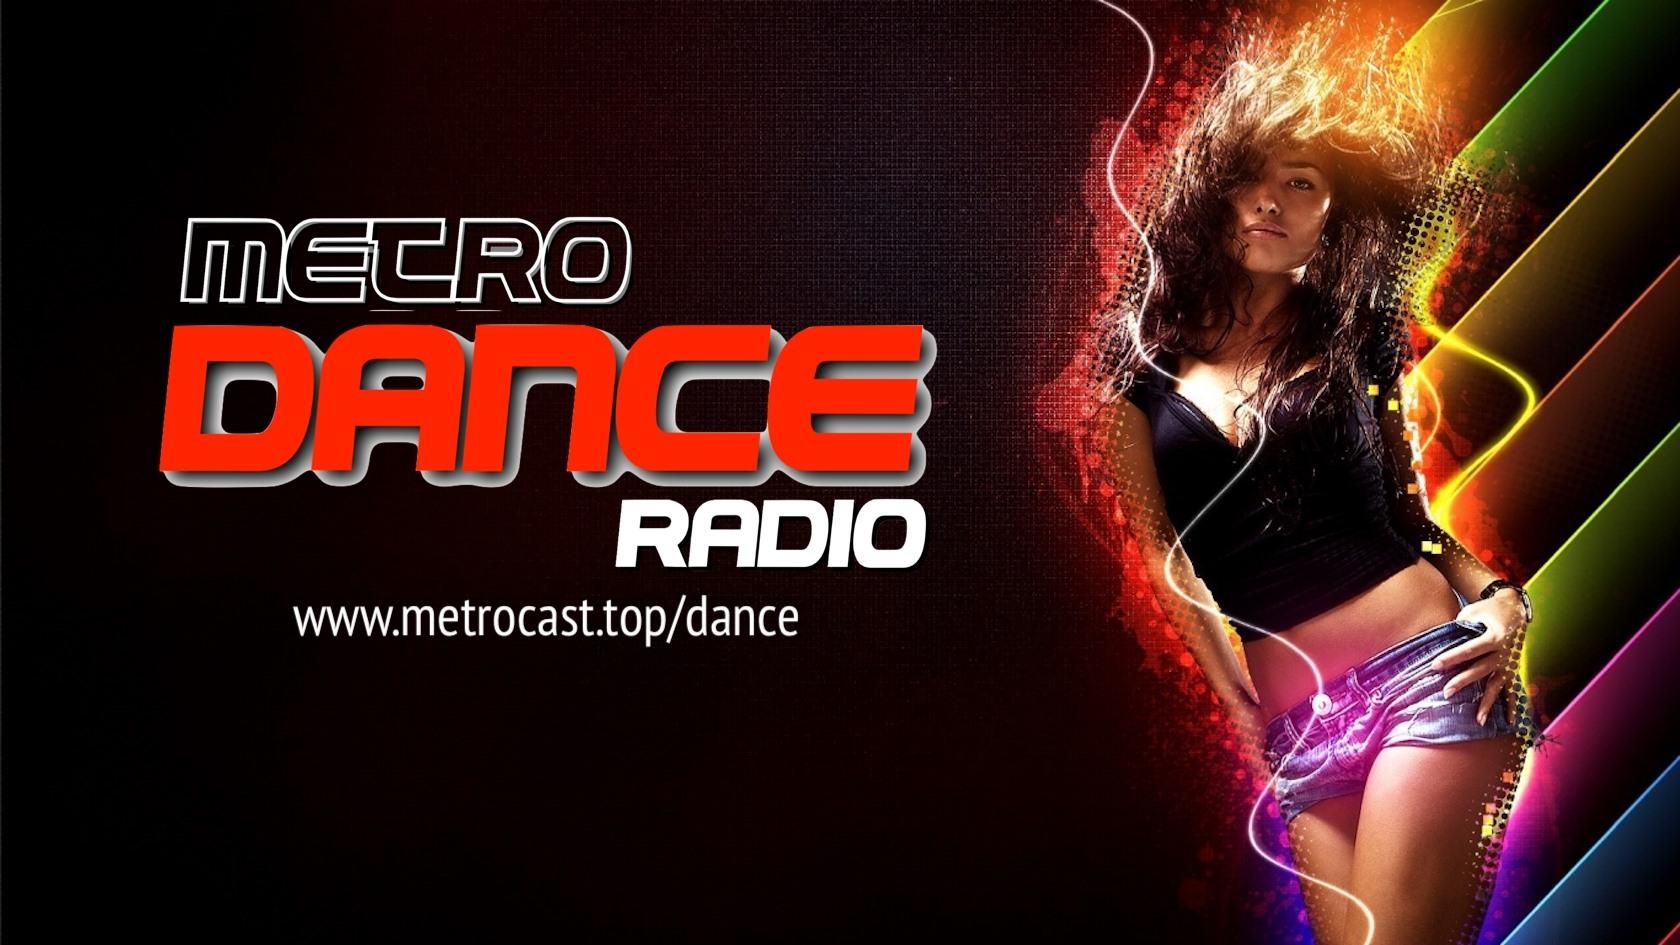 Metrocast Radio Online